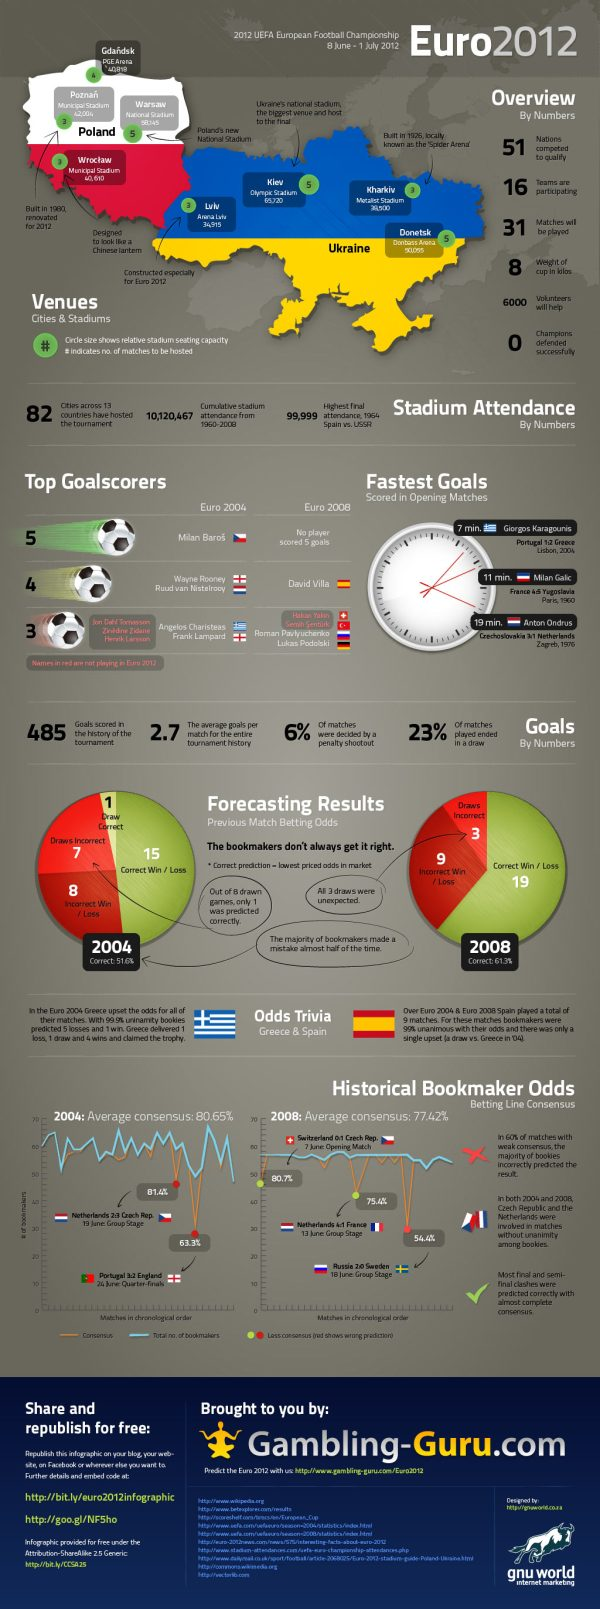 La Eurocopa 2012 Polonia-Ucrania en números [Infografìa] - Euro-2012-Infographic